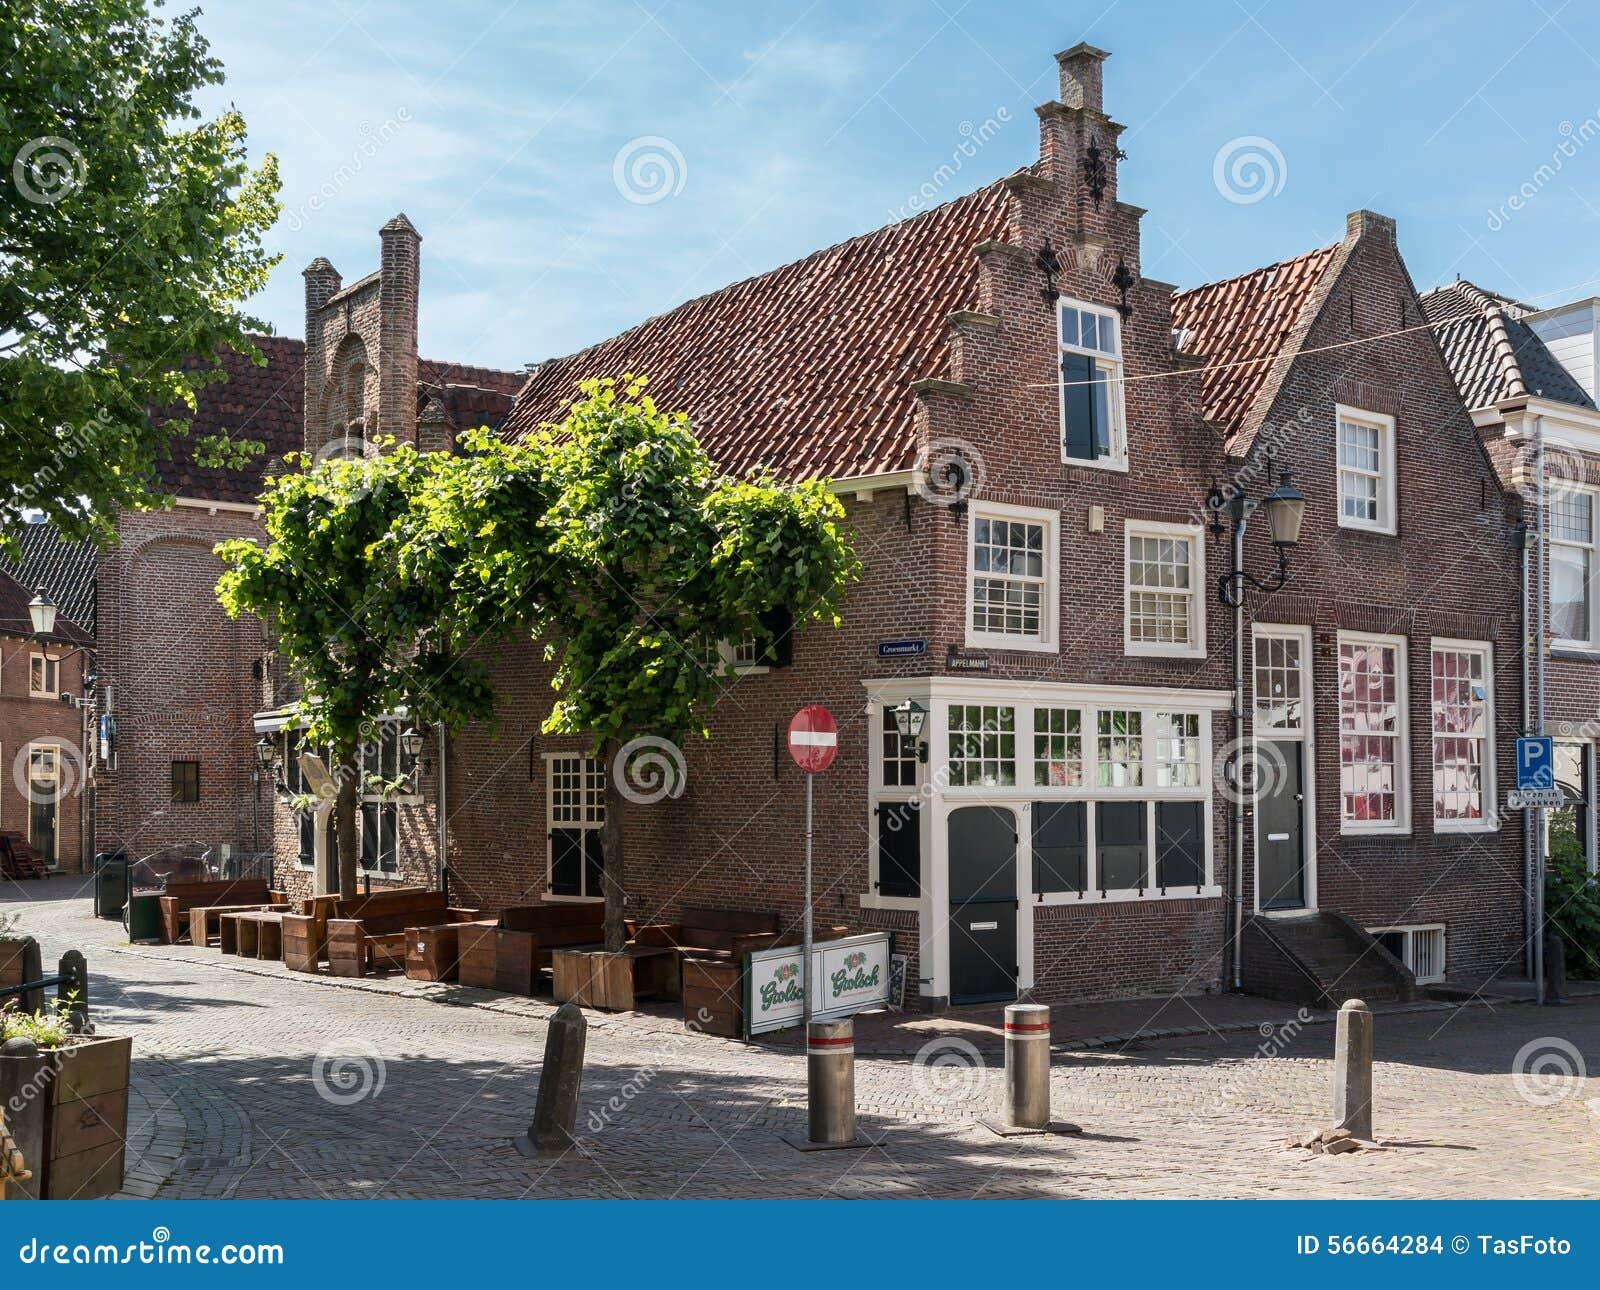 Oude huizen op groenmarkt in amersfoort nederland redactionele stock afbeelding afbeelding - Foto huizen ...